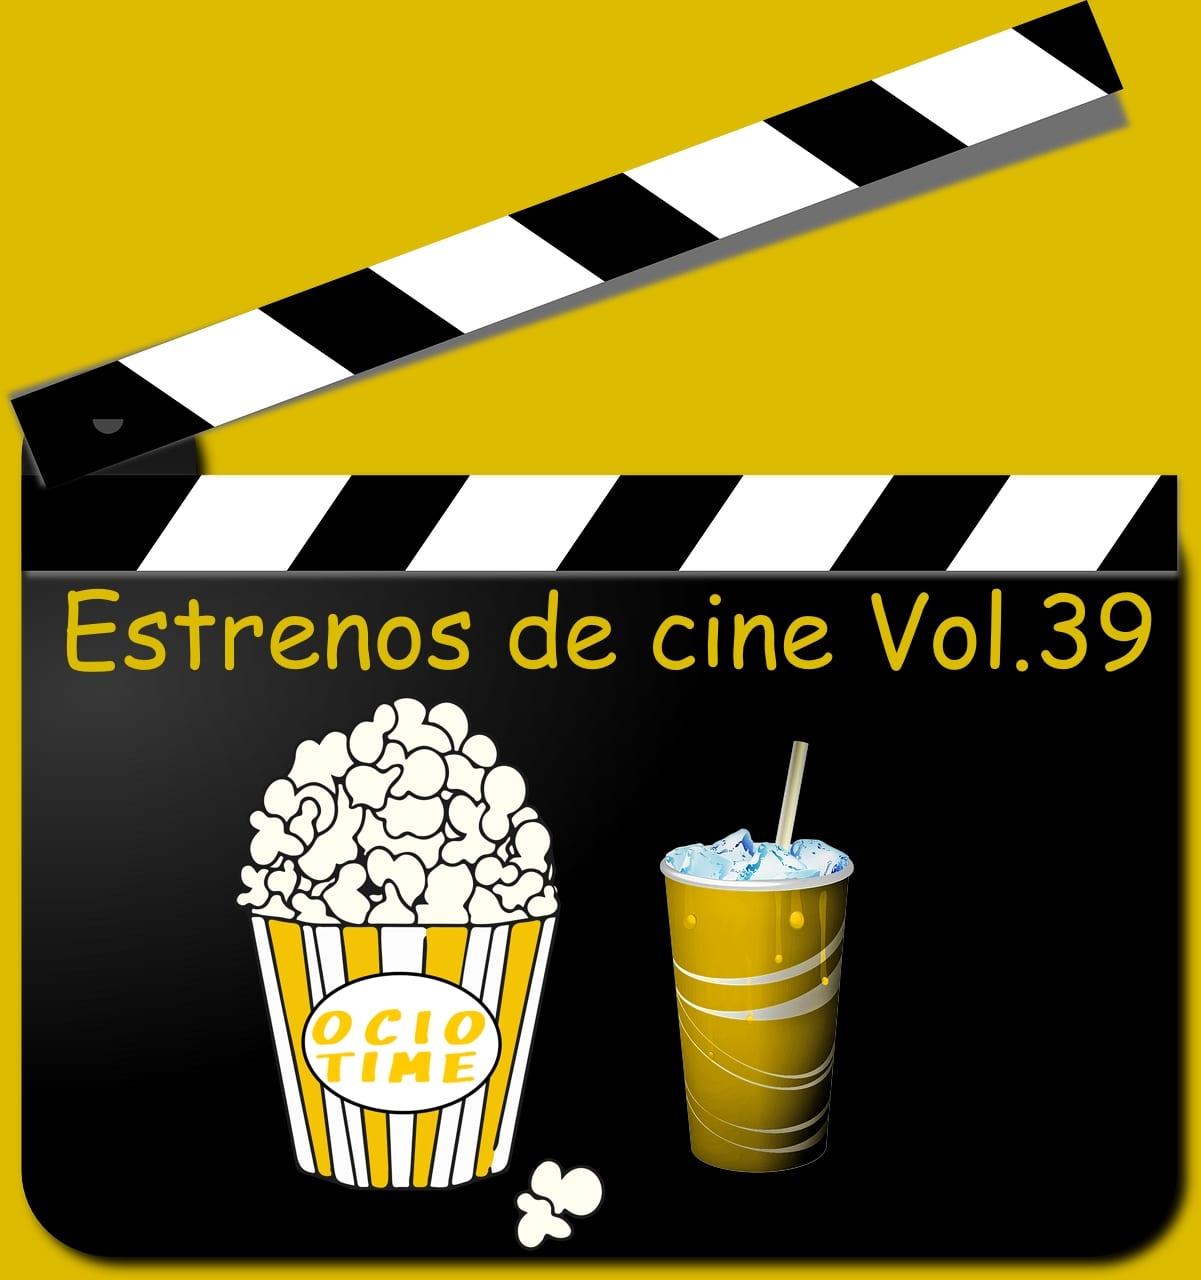 Estrenos de cine Vol.39